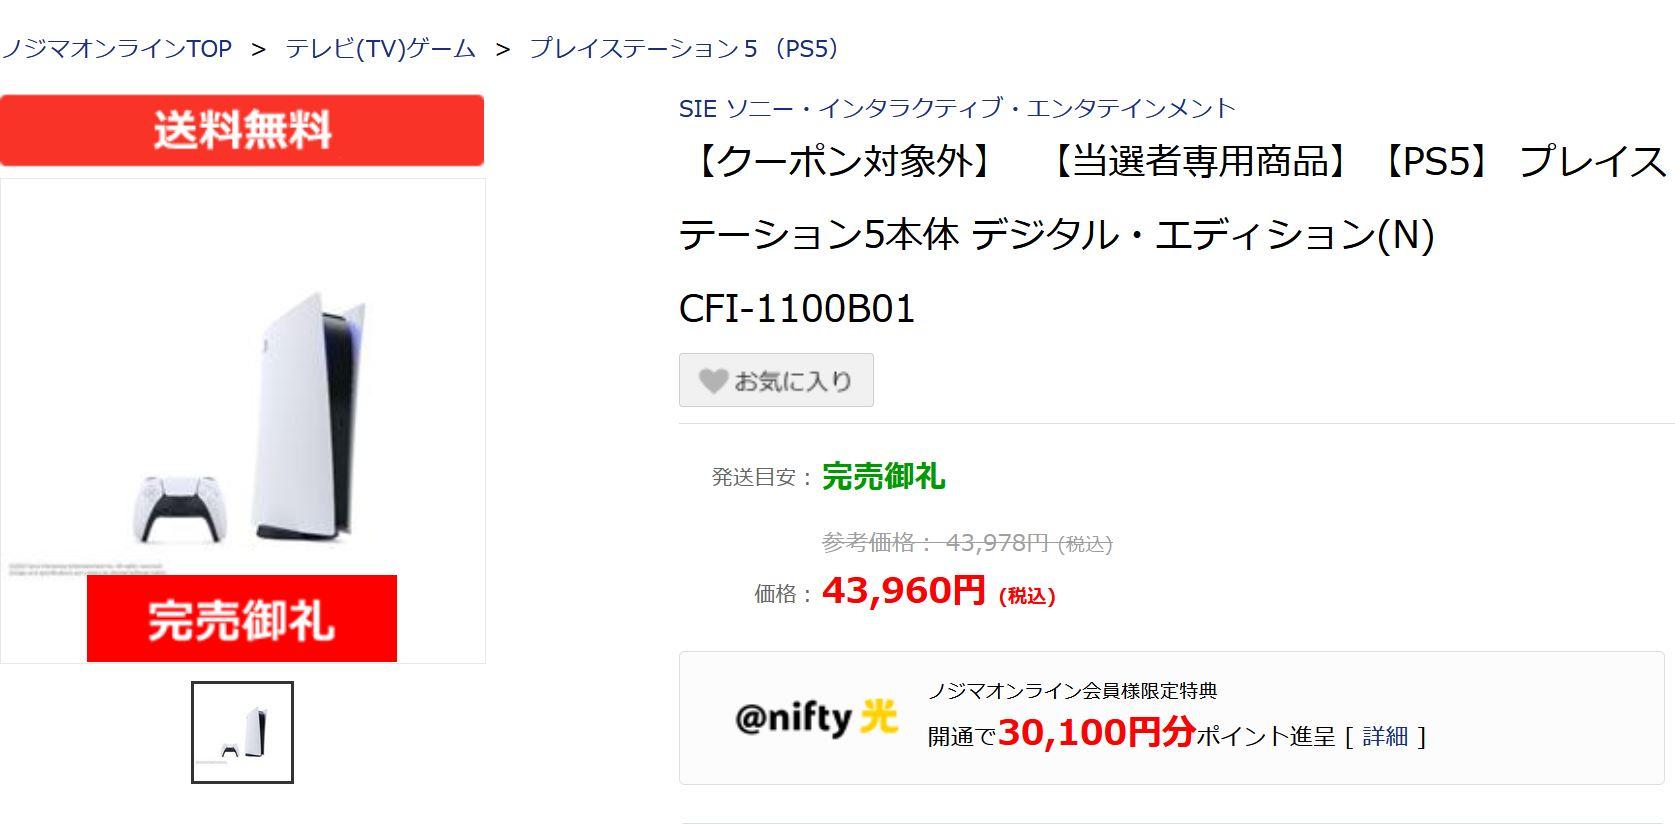 Обновлённая PlayStation 5 Digital Edition поступит в продажу в конце июля  она почему-то стала на 300 грамм легче